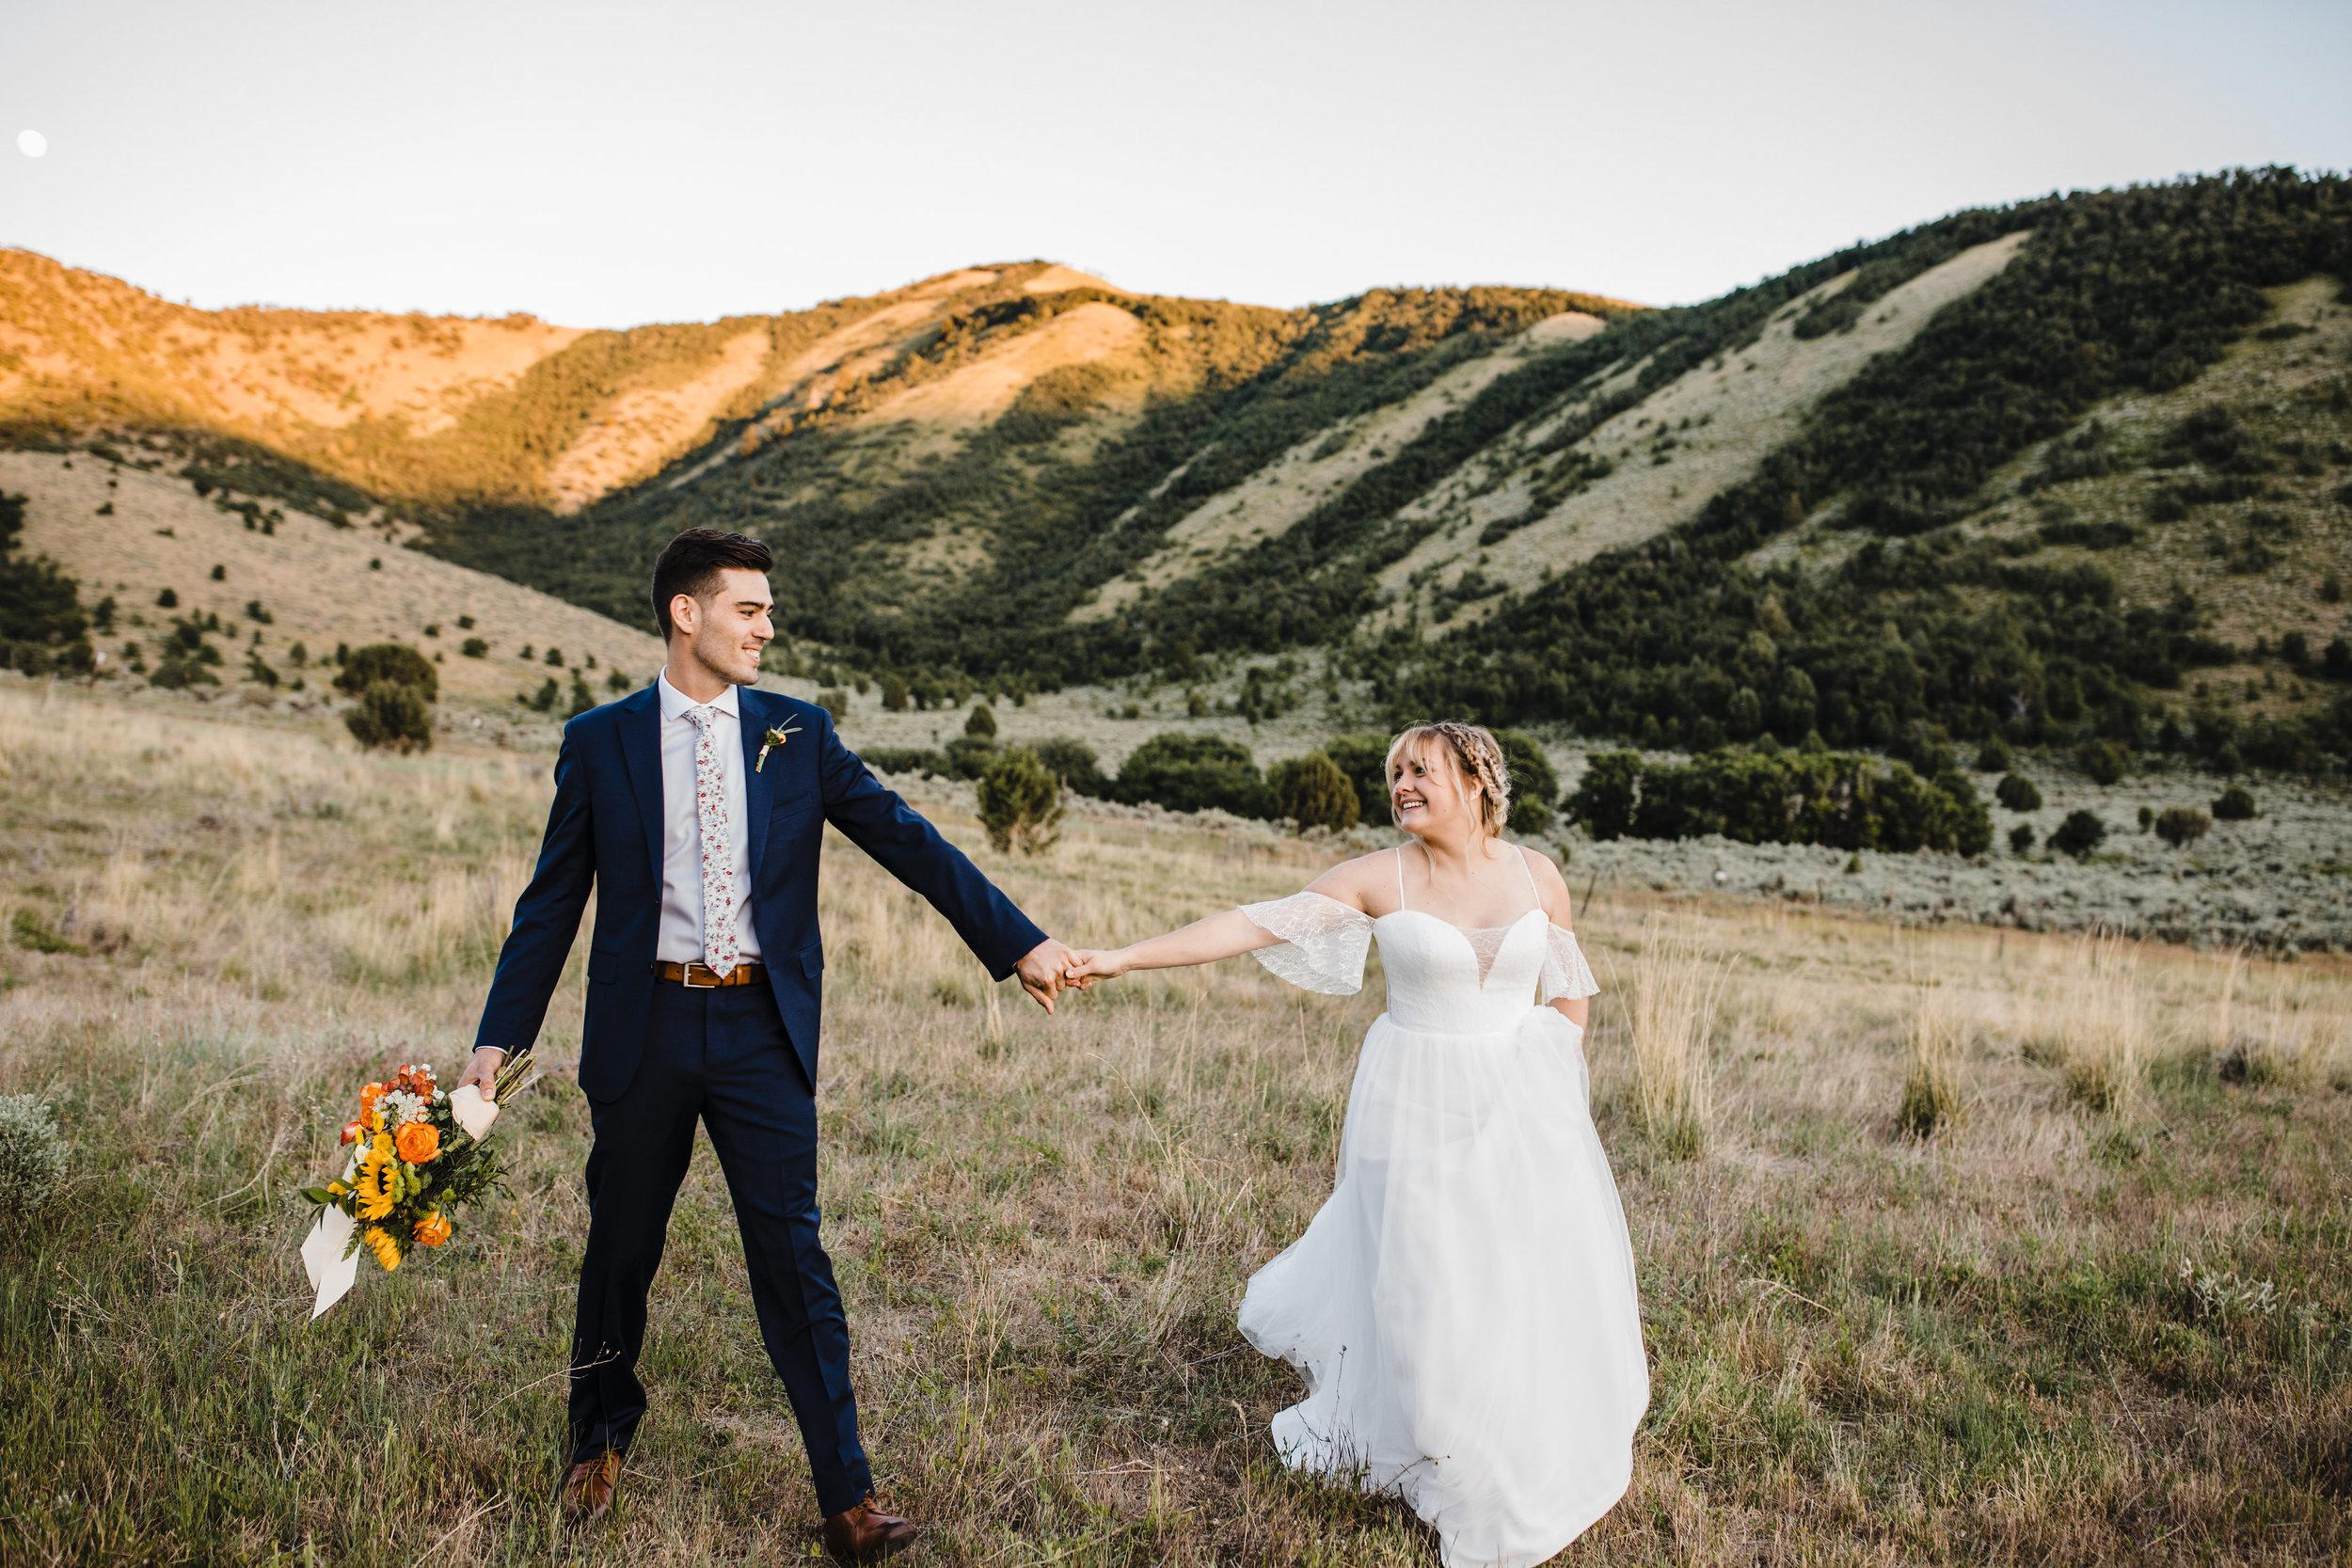 wedding photographer logan utah dancing spinning laughing holding hands